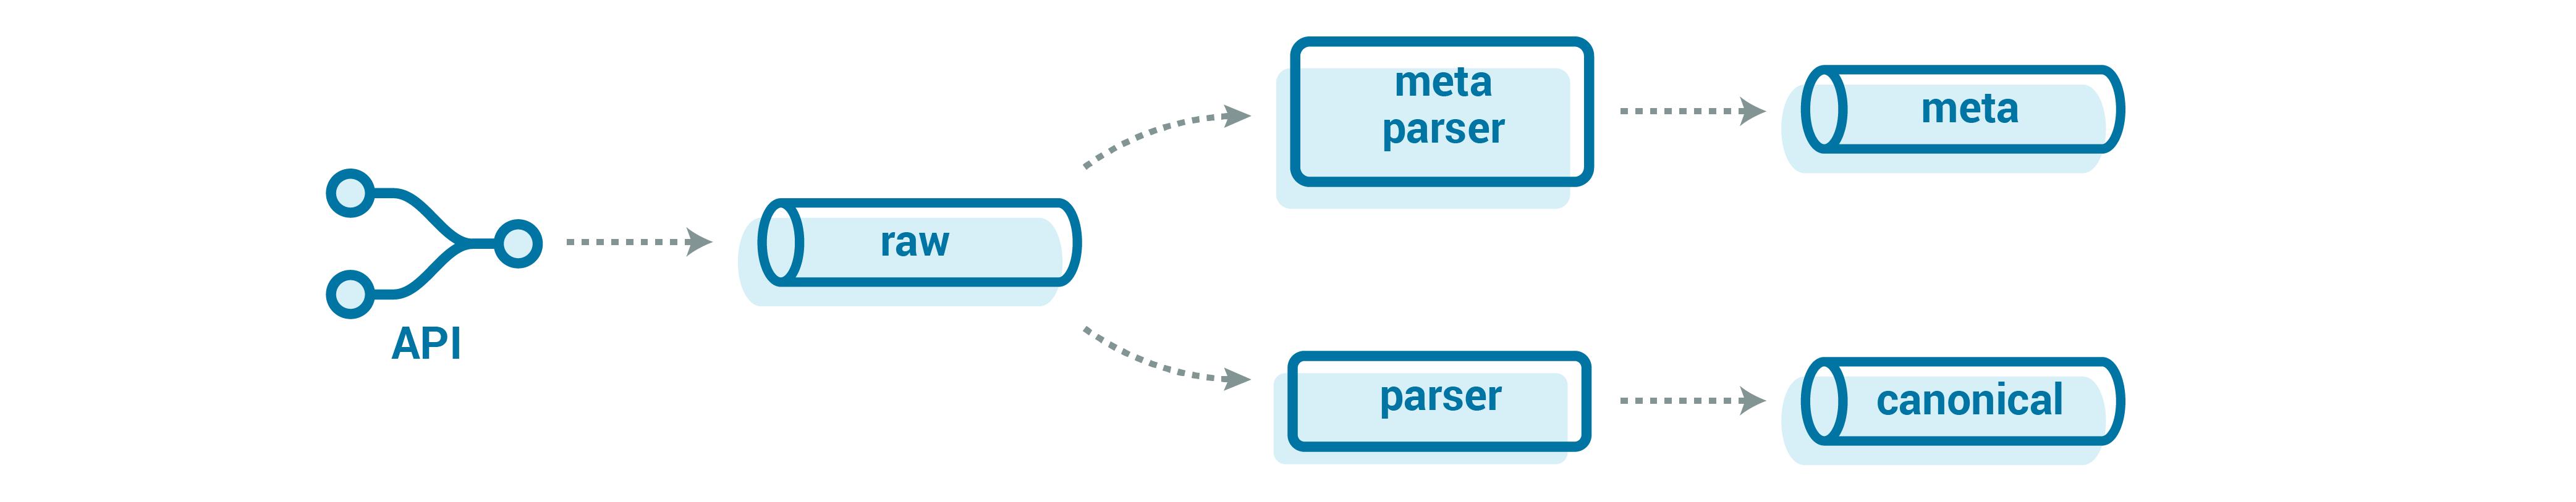 Metadata stream